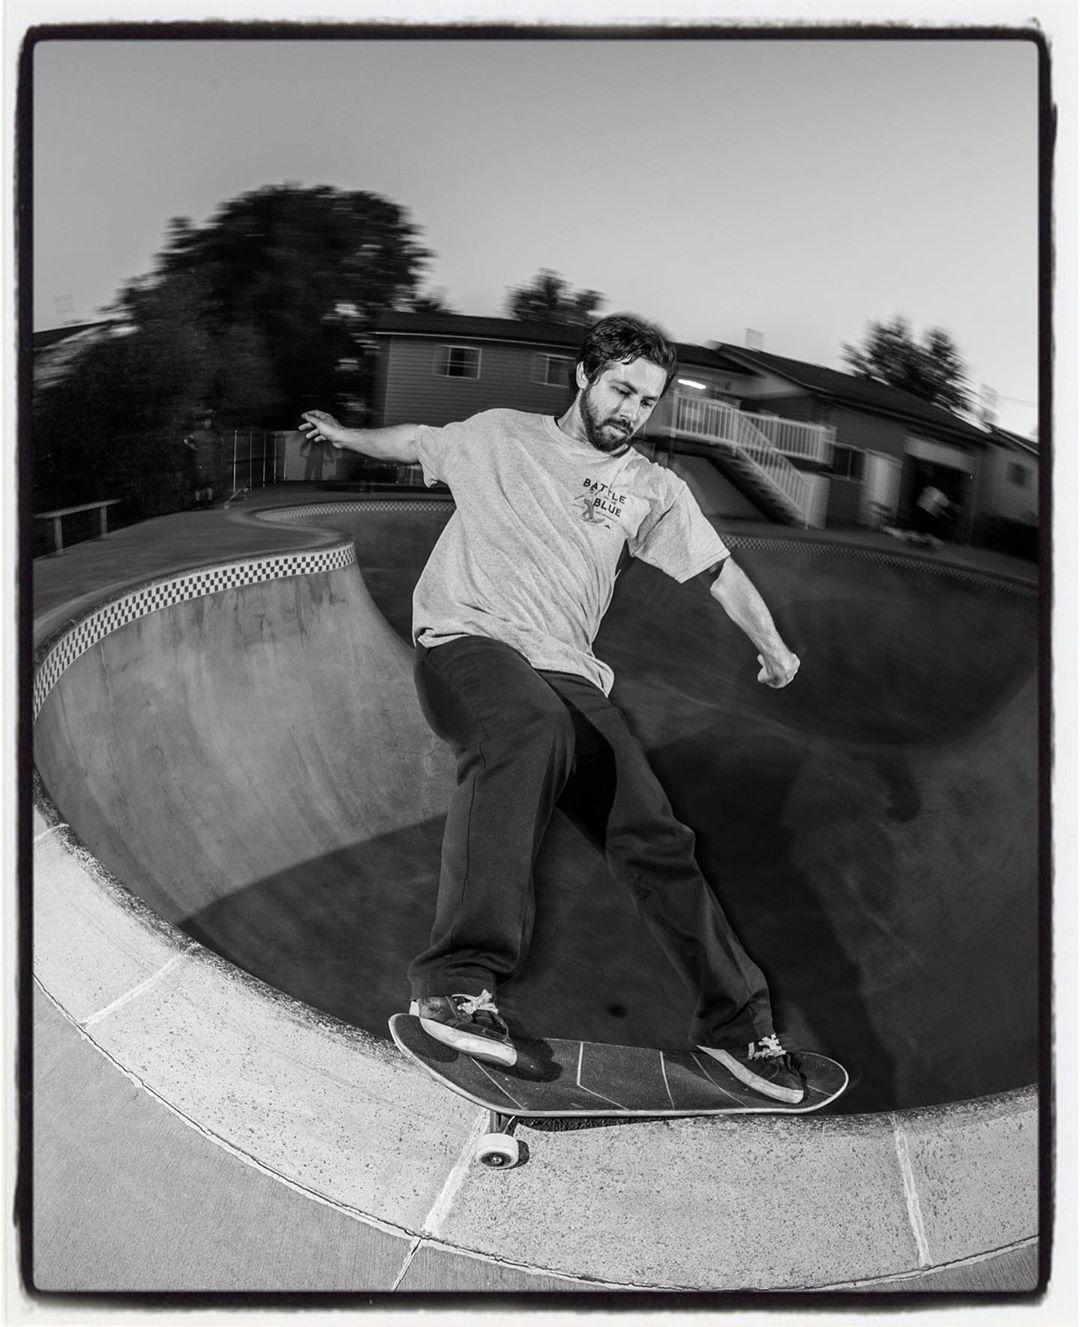 Stefan Wilson shredding Mike's clover pool yesterday